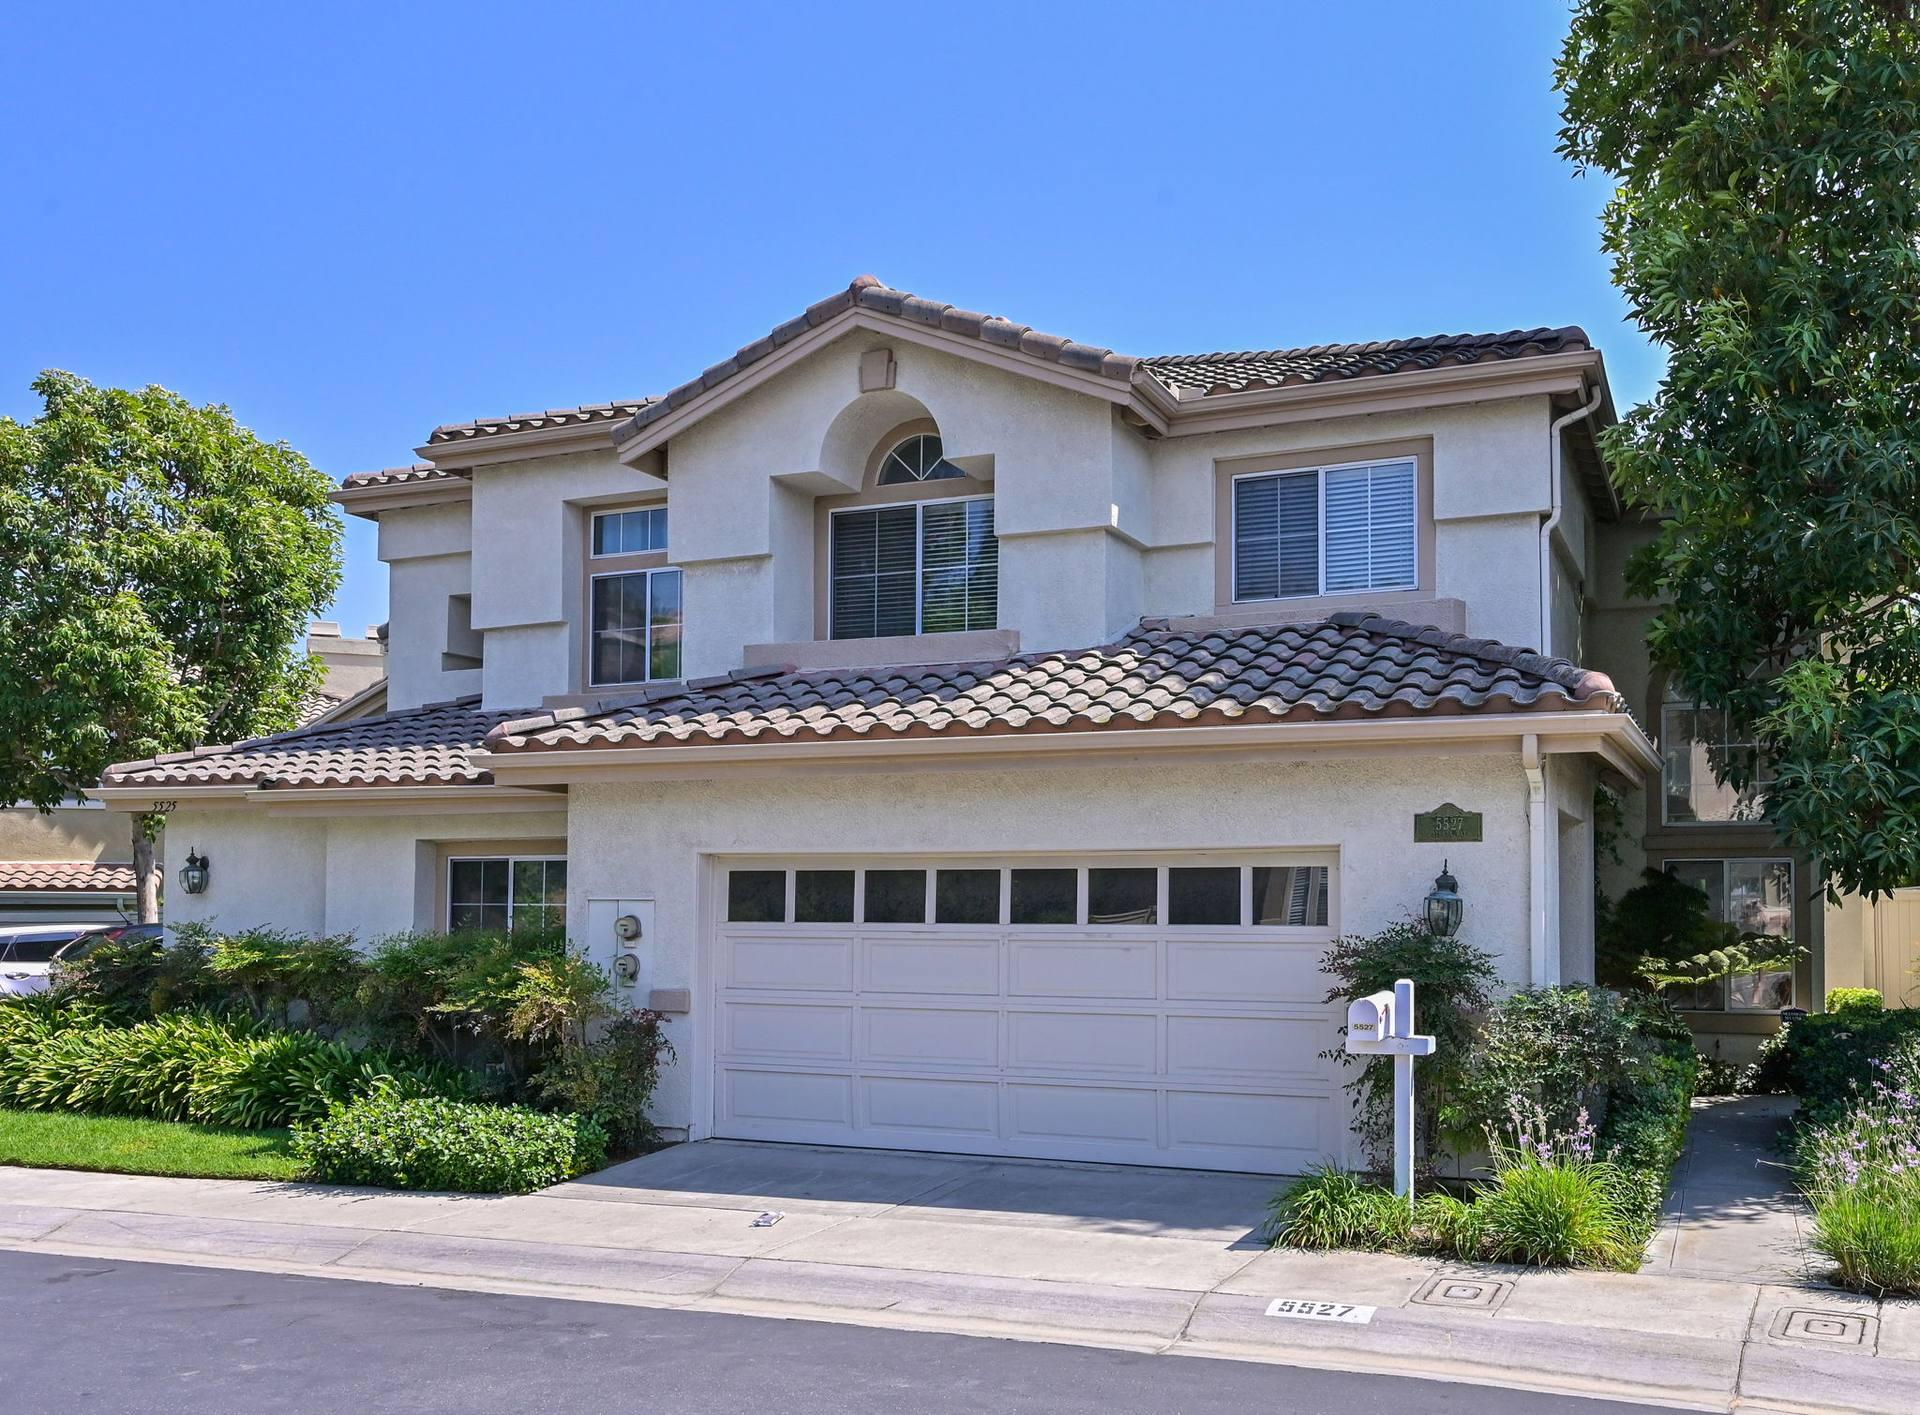 5527 Patricia Way, Yorba Linda, CA 92887, USA